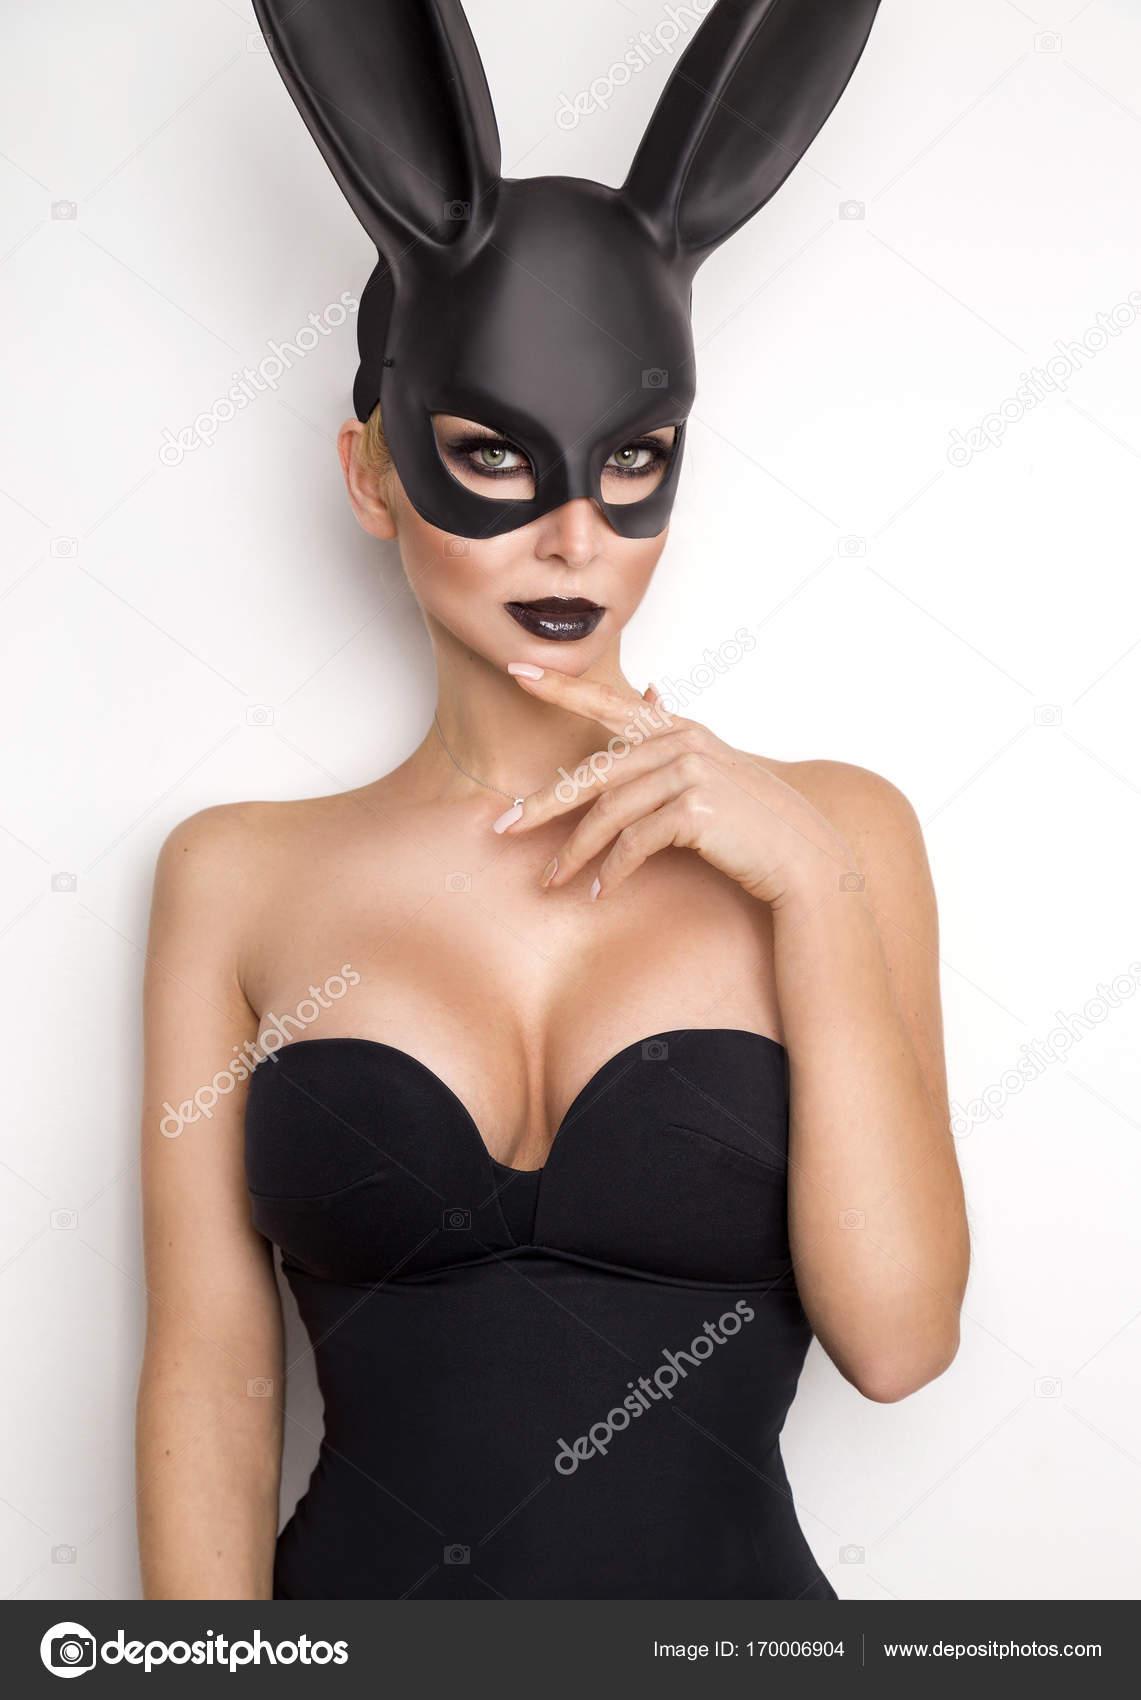 μεγάλο λεία μαύρες γυναίκες εικόνες μουνί με μαύρο πουλί